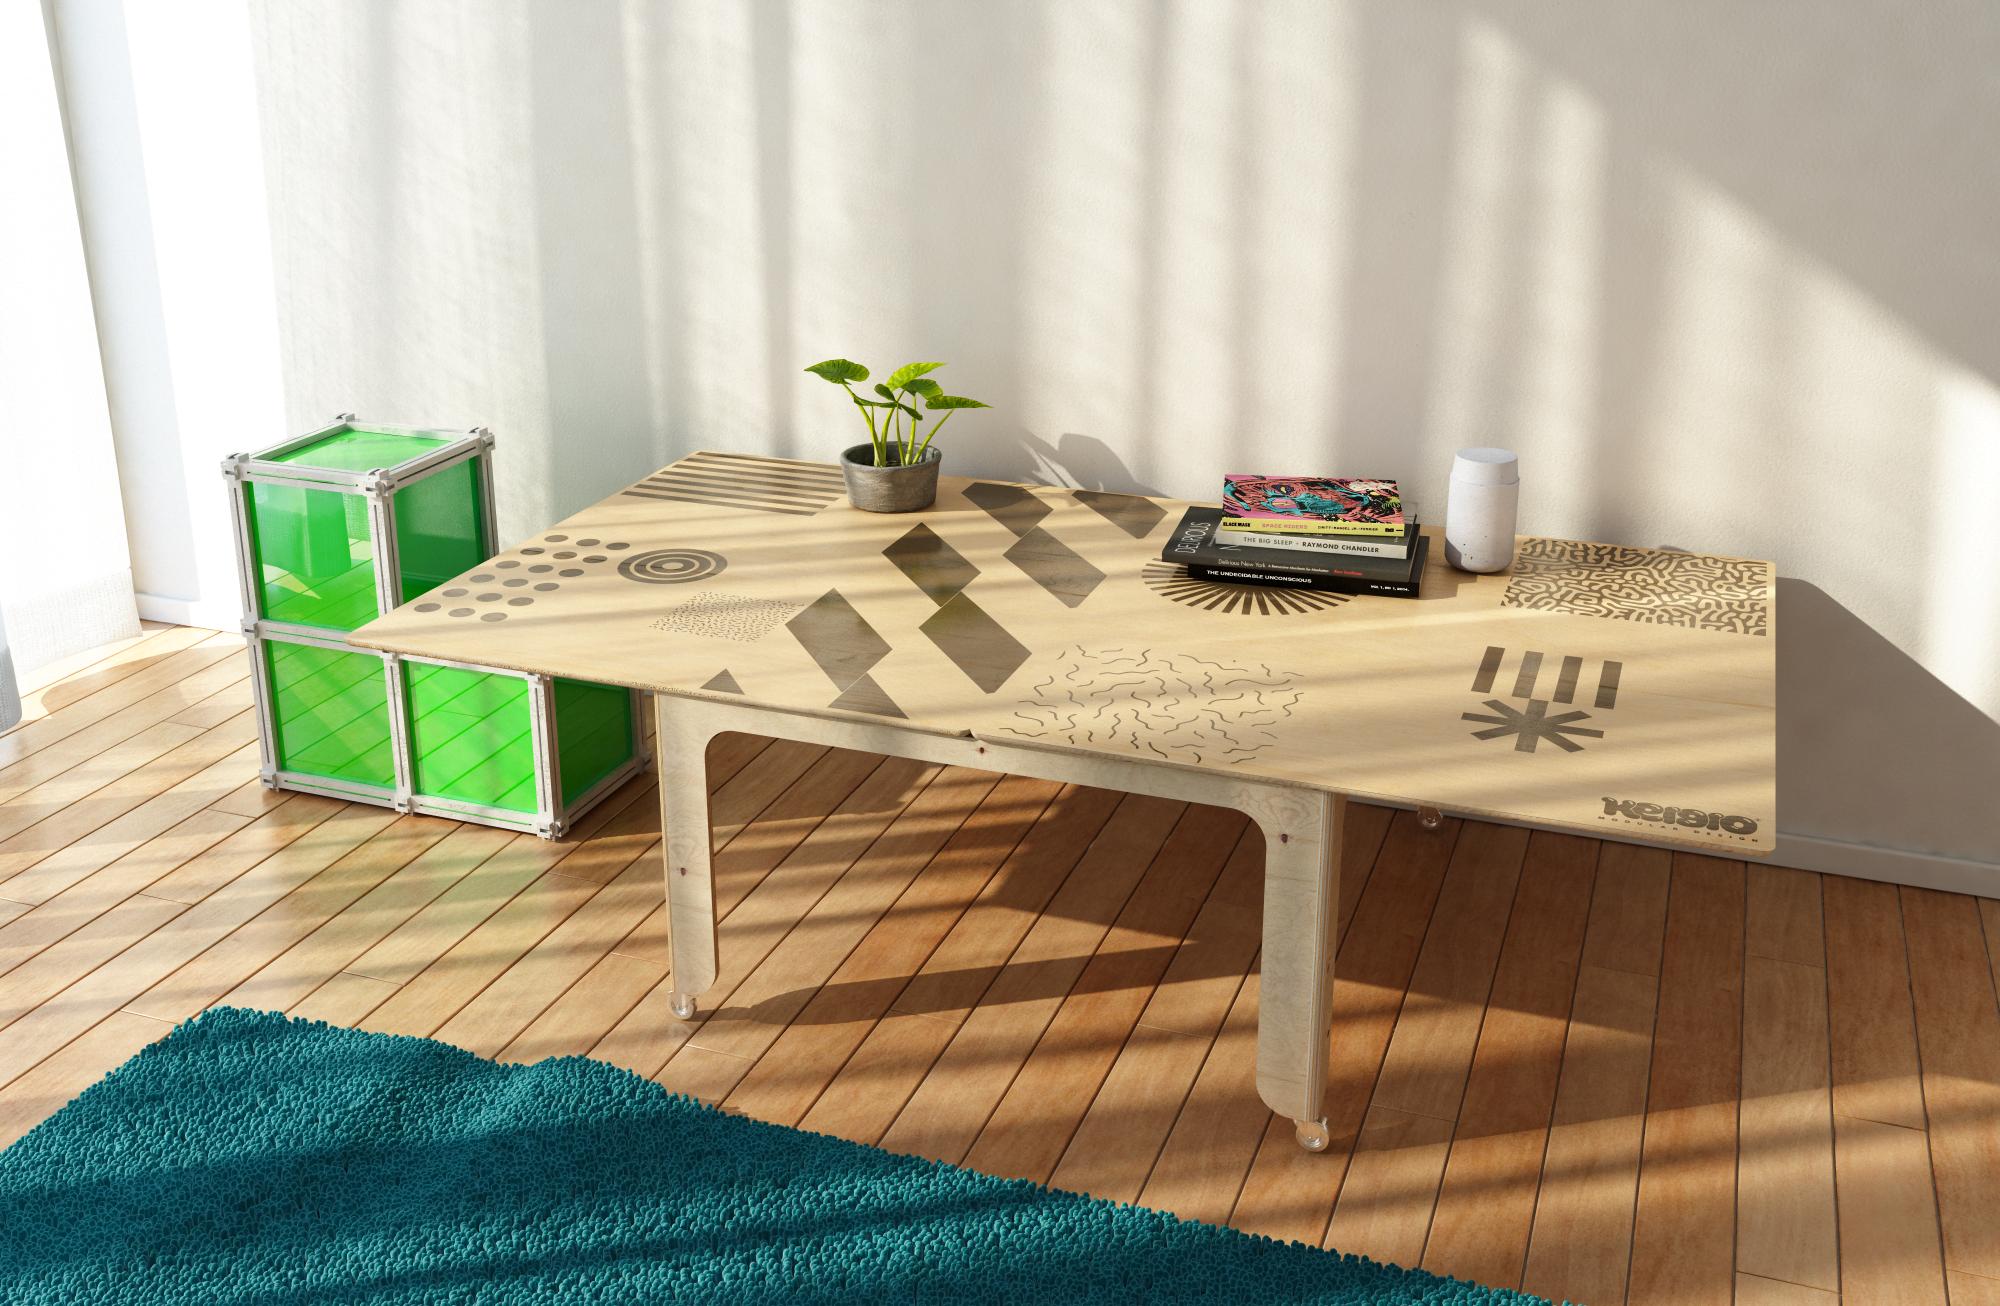 tavolo personalizzabile, stampa serigrafica, customisable table, silkscreen printing, mesa personalizable, serigrafia, ad-hoc graphics, grafico ad-hoc, grafica ad-hoc, ping pong table, mesa ping pong, tavolo ping pong